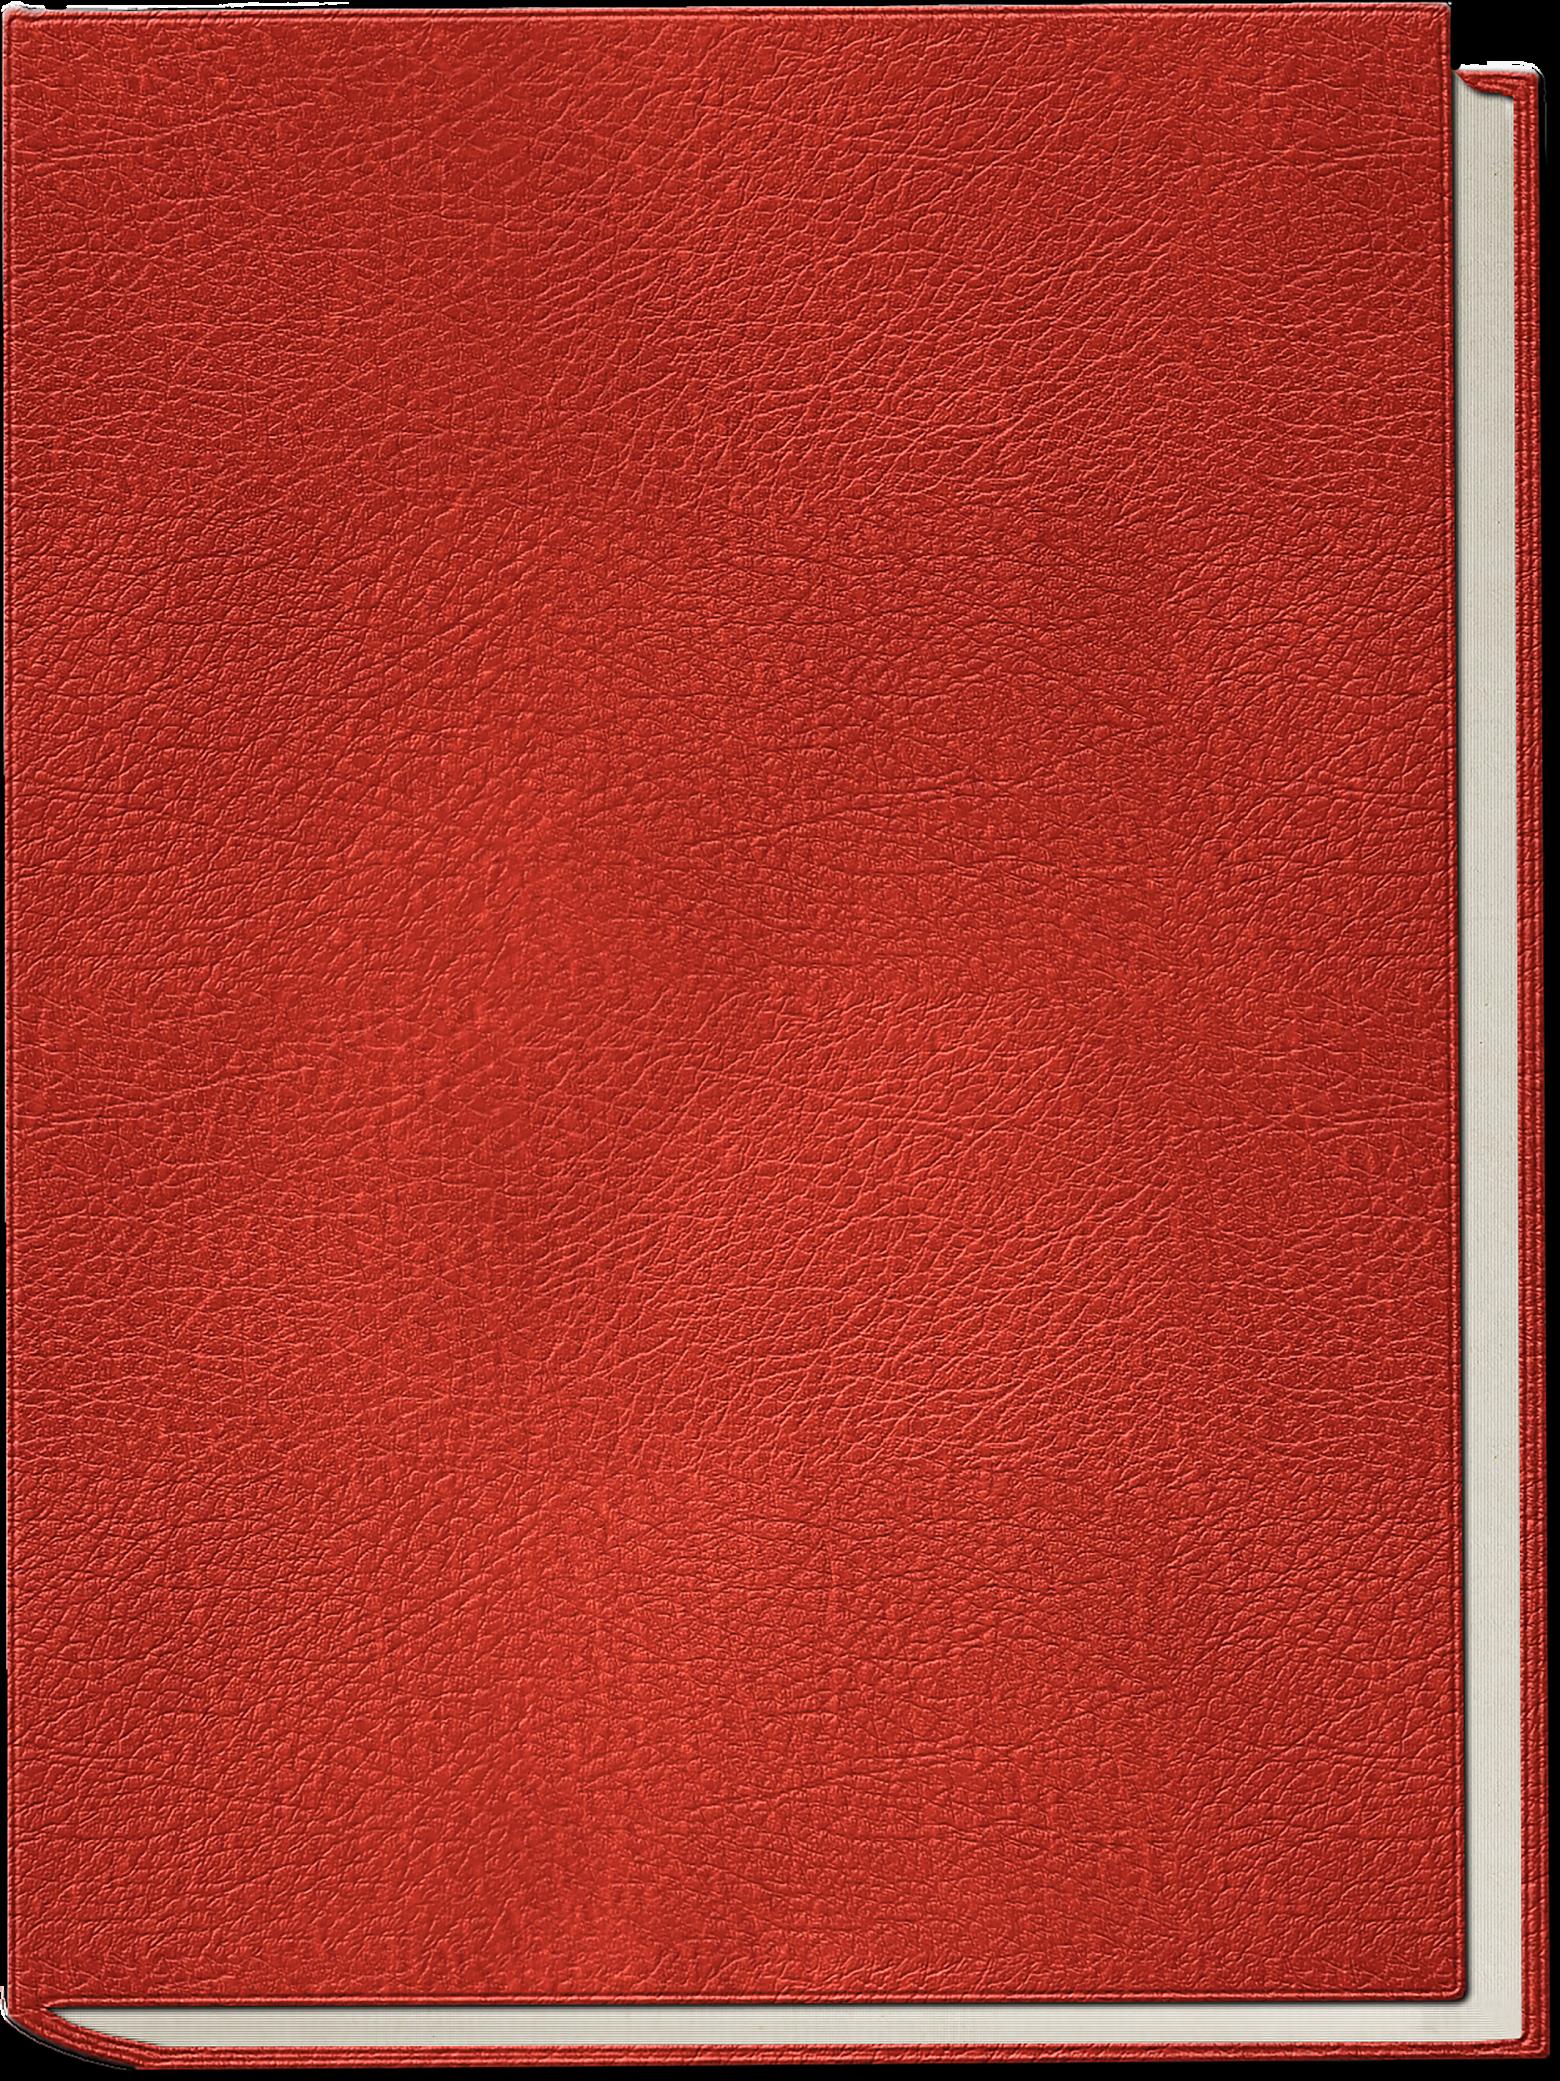 book-3088777